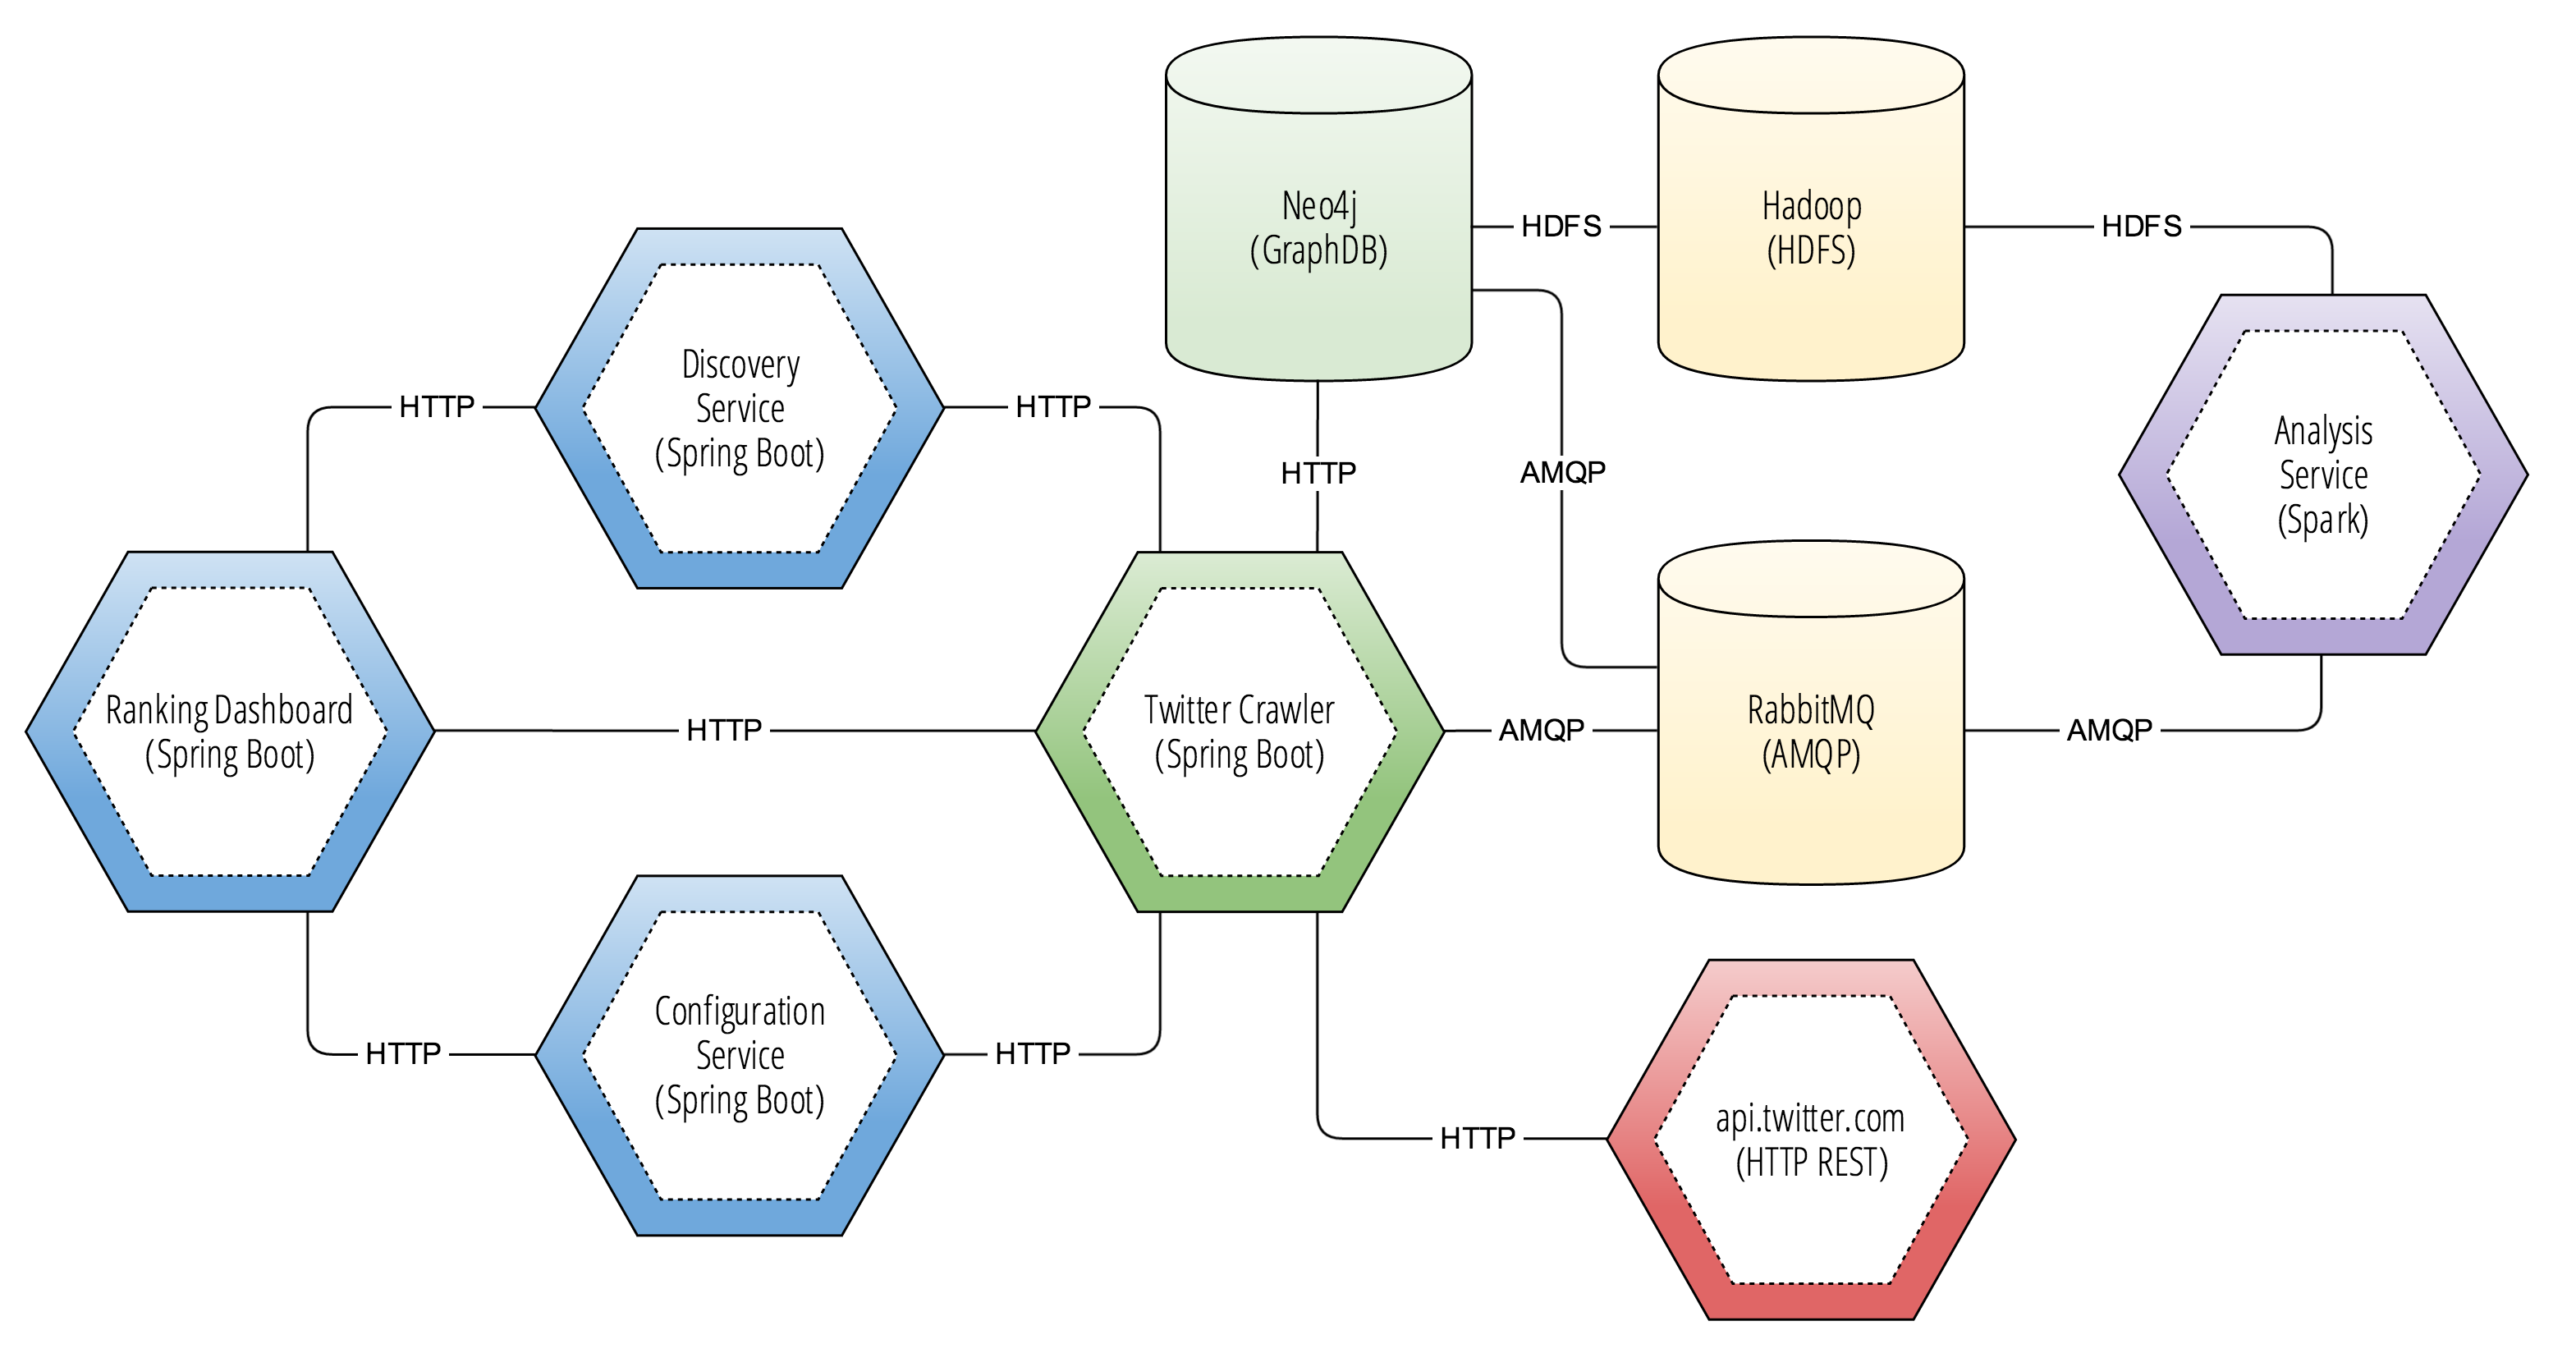 Twitter Crawler Architecture Diagram